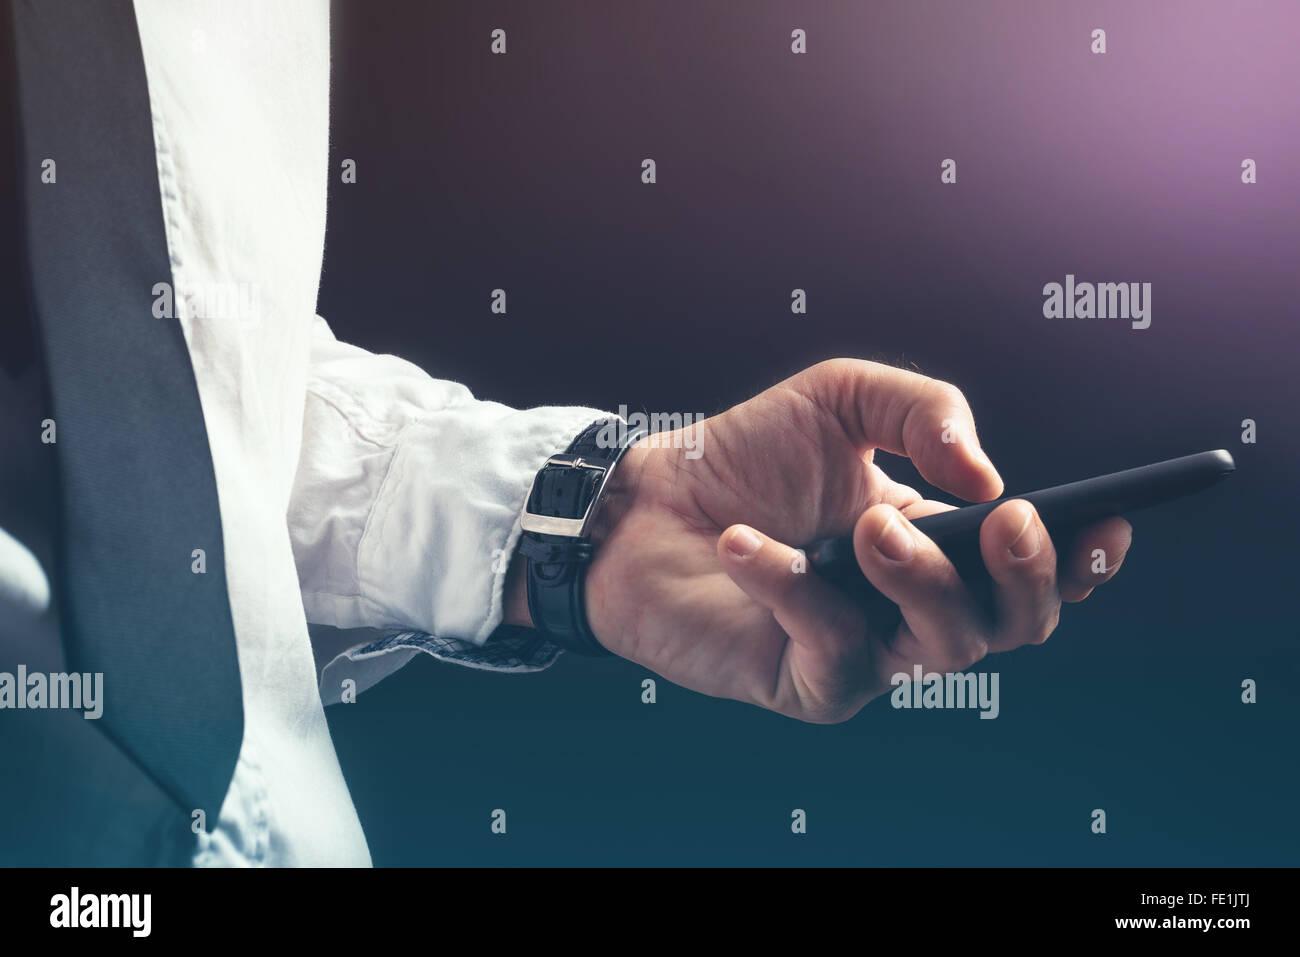 Les jeunes professionnels d'affaires méconnaissable texting on smartphone en utilisant app message bureau Photo Stock